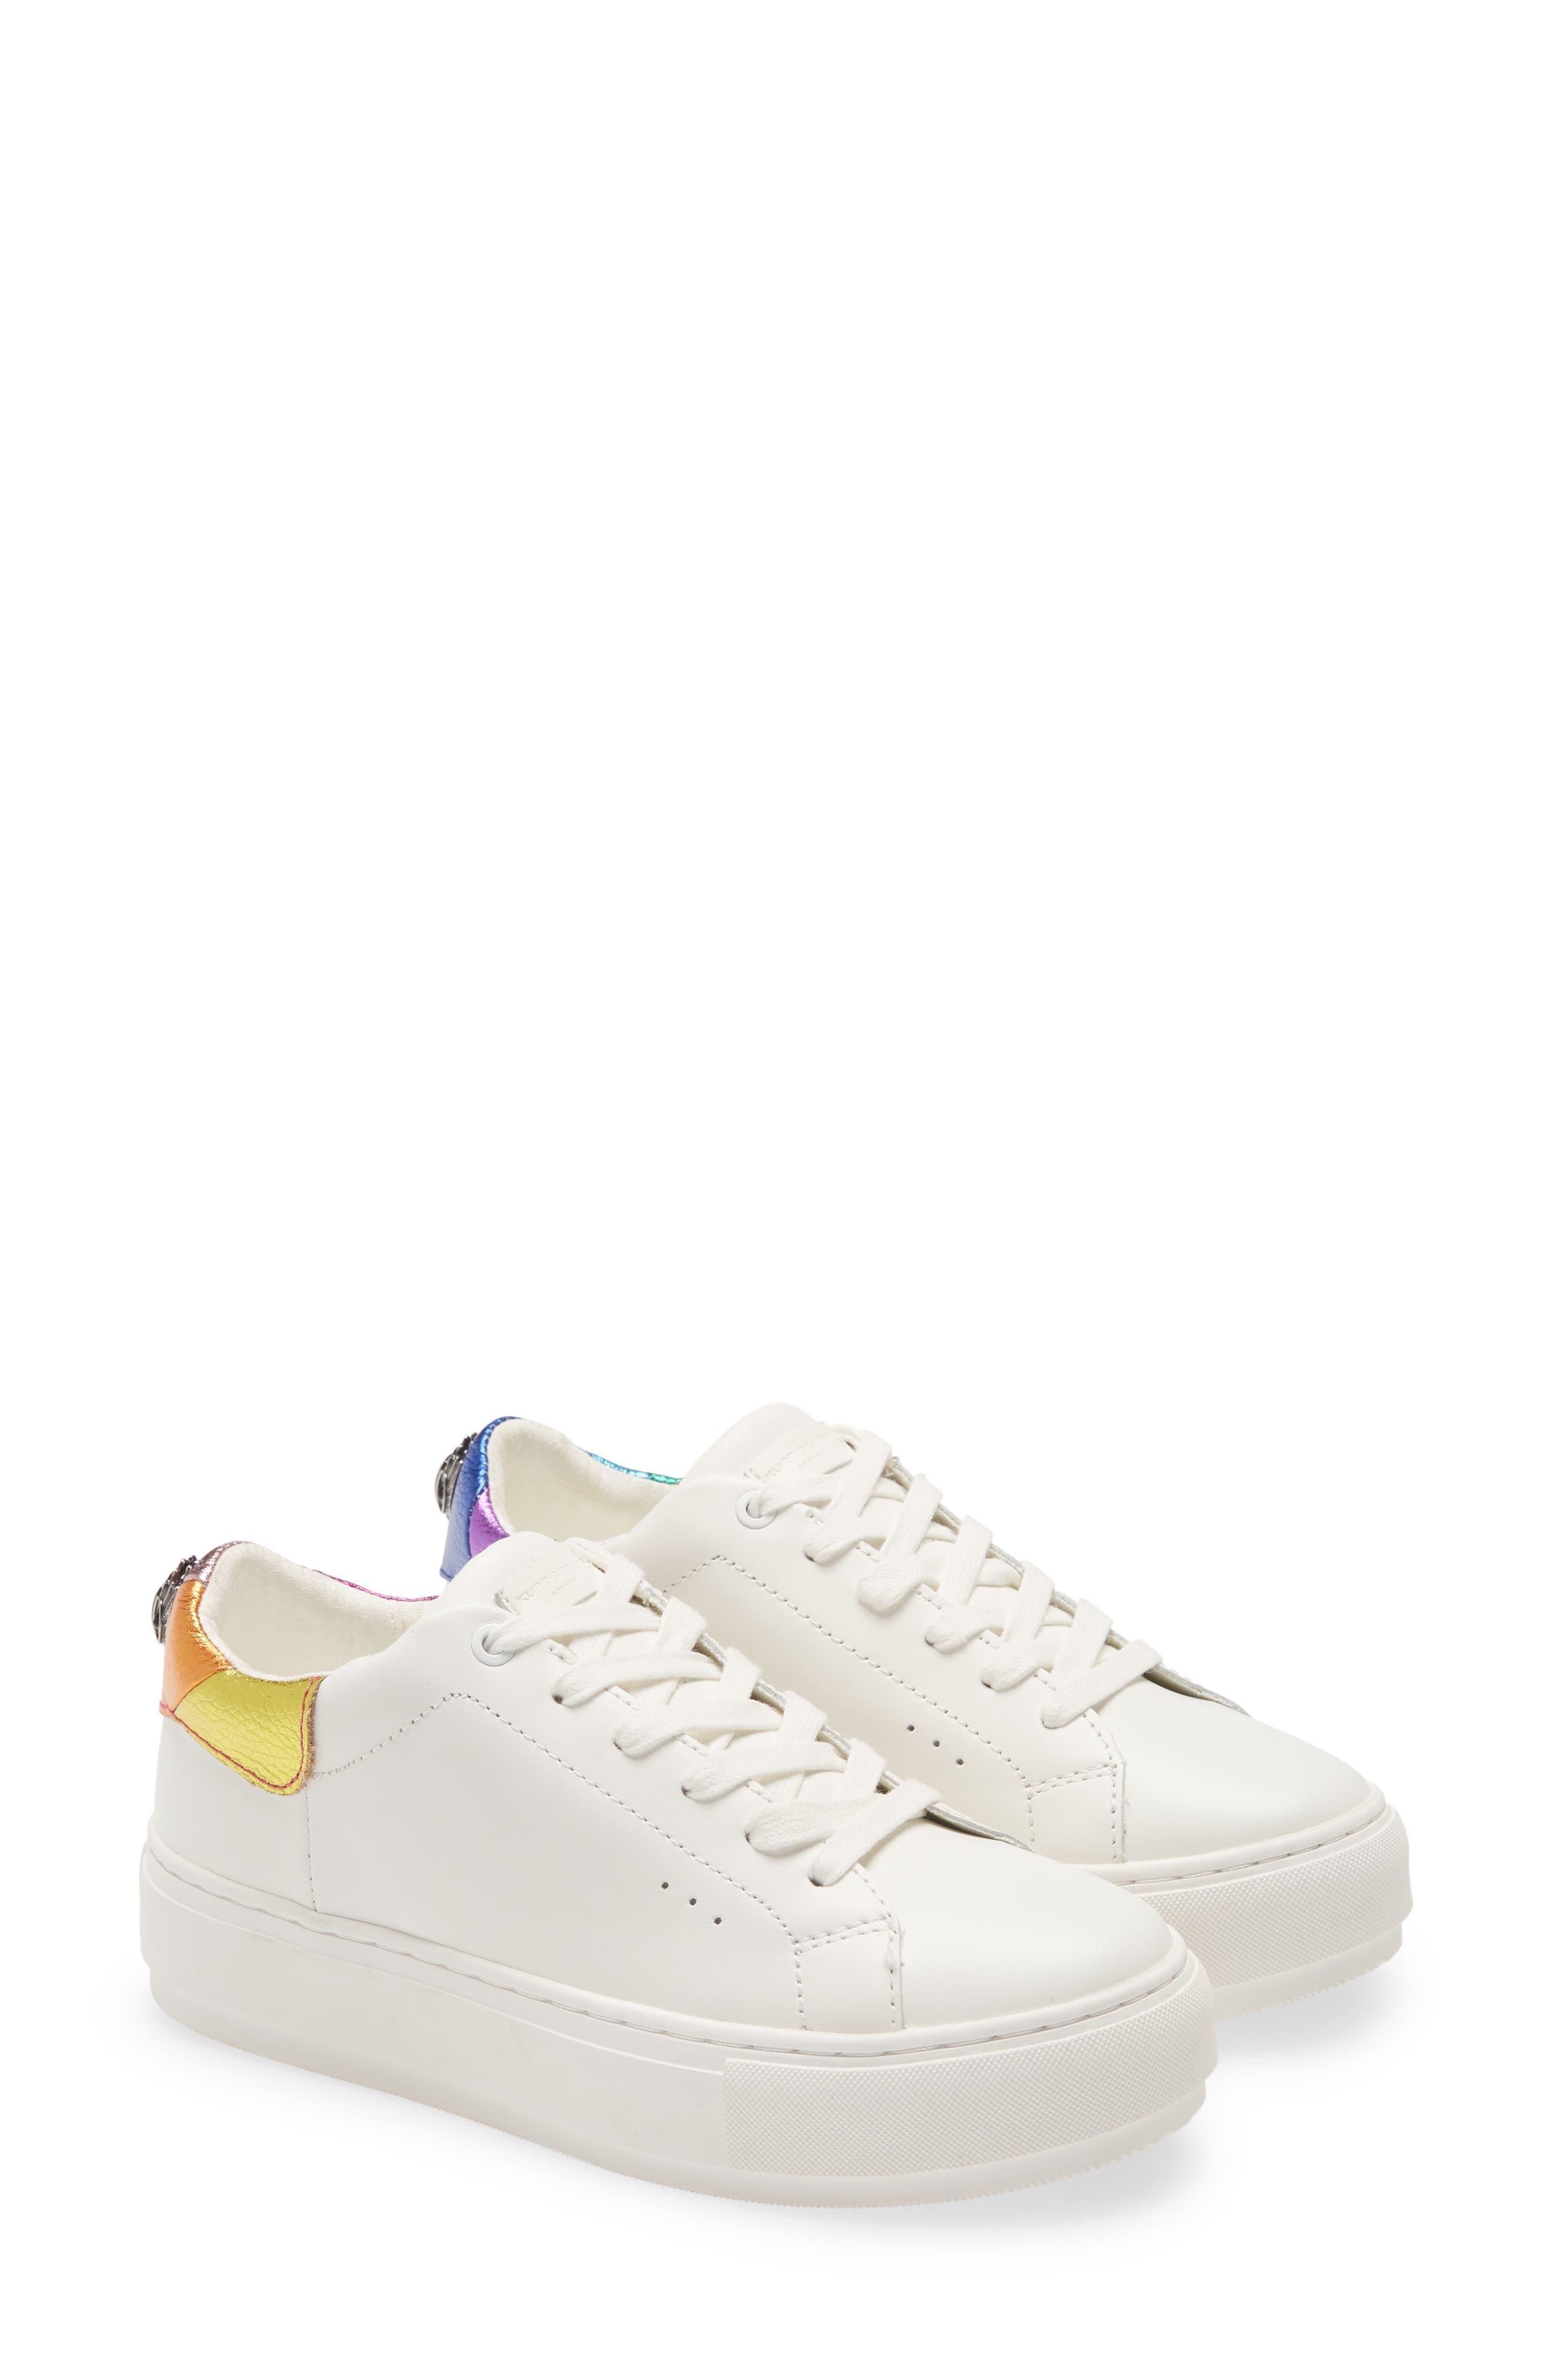 Women's Kurt Geiger London Sneakers